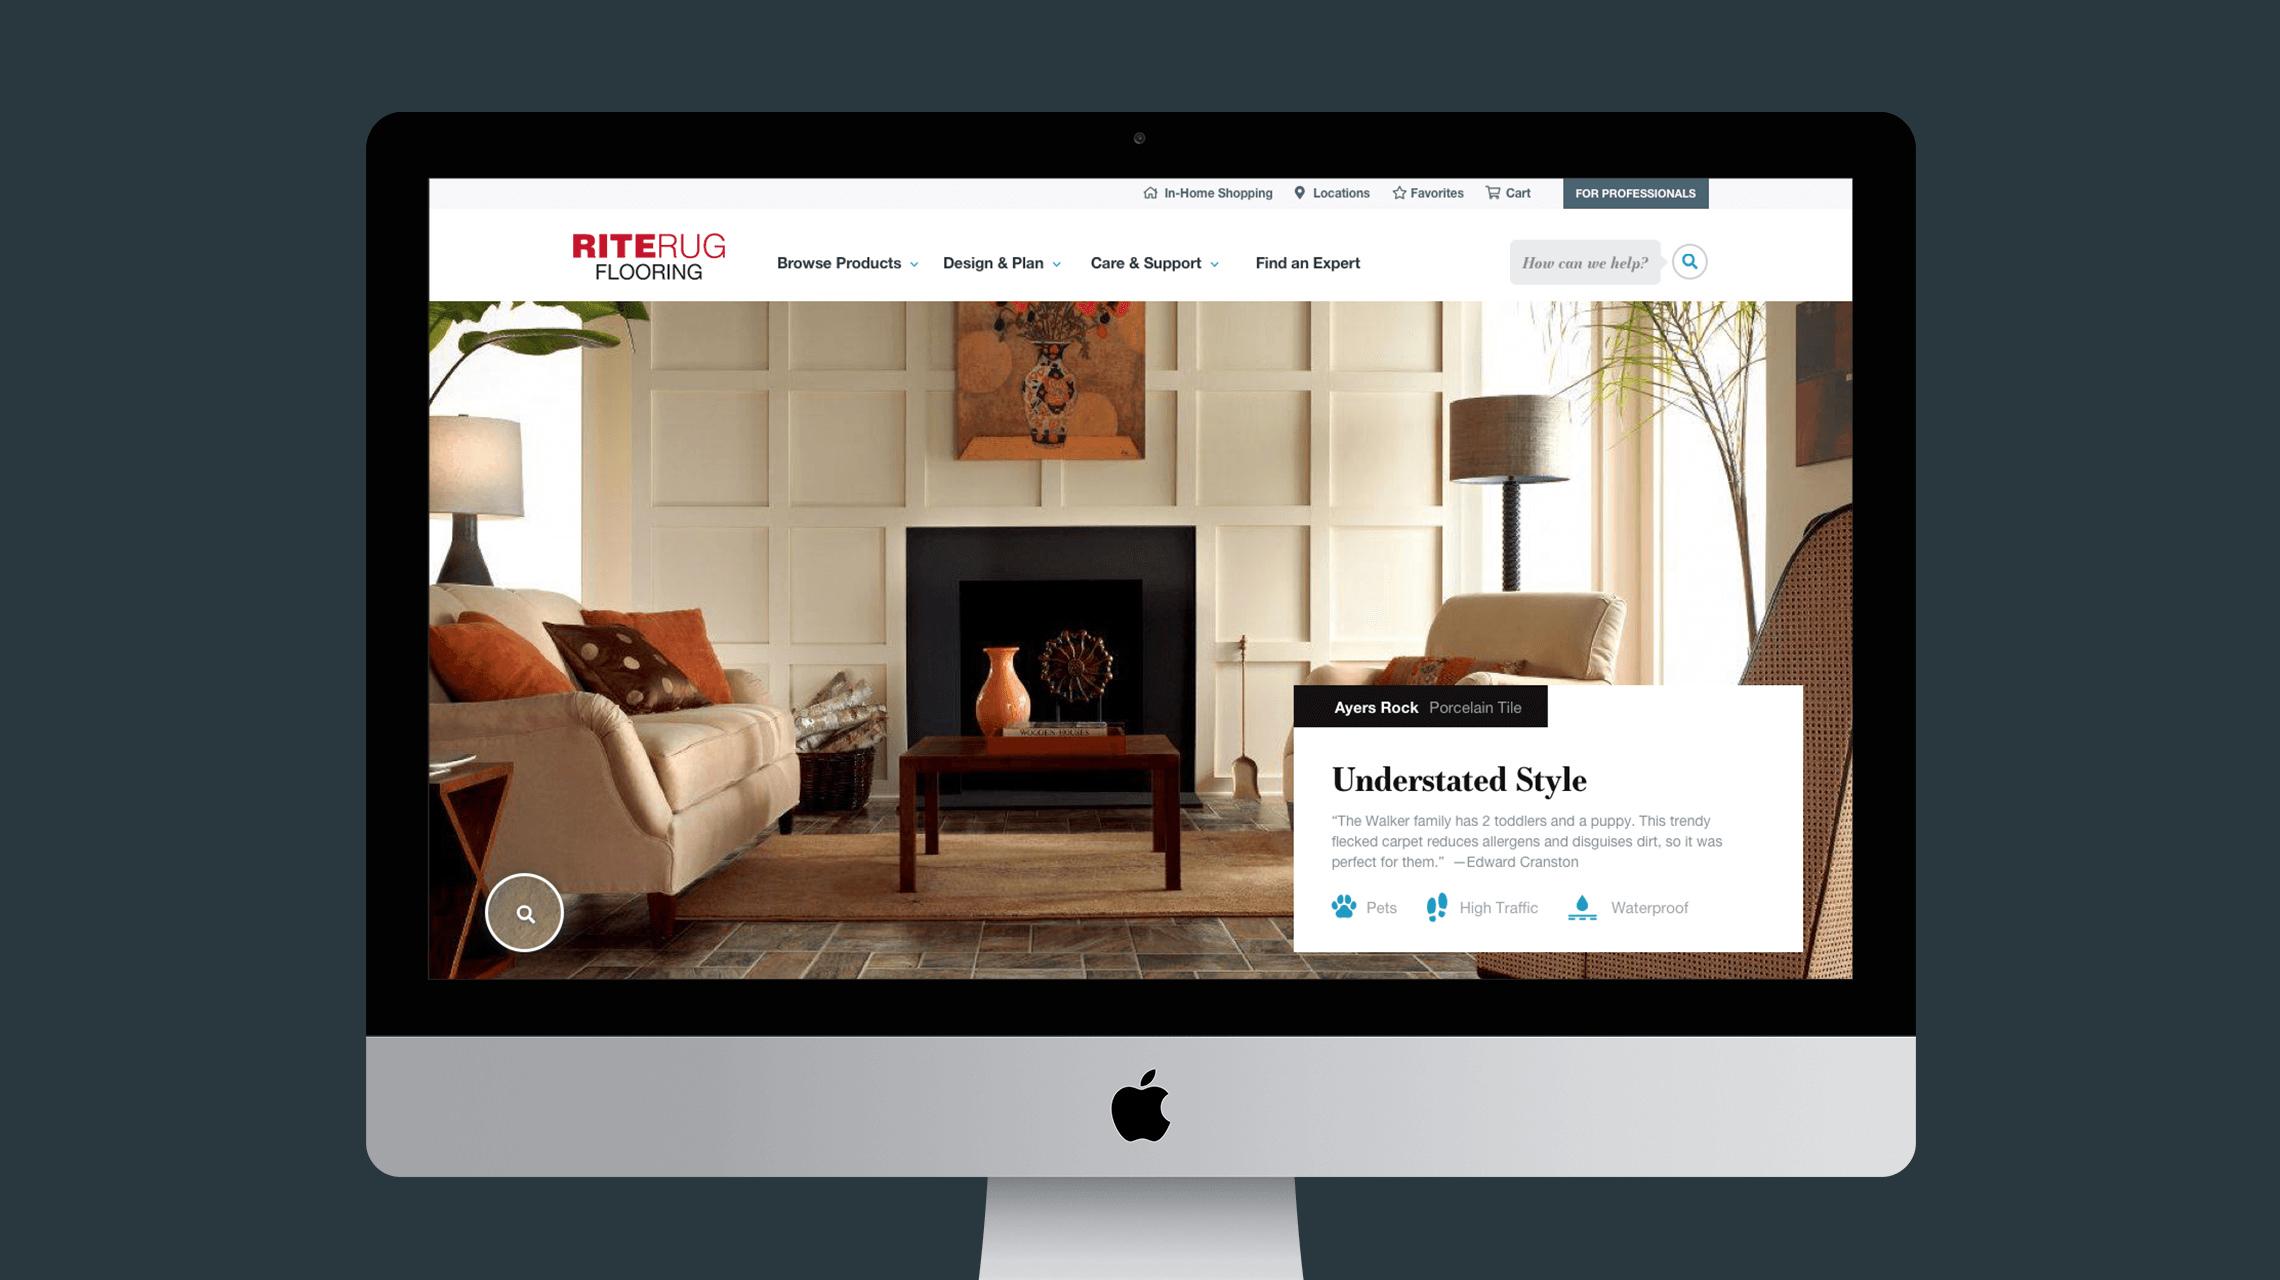 RiteRug.com image